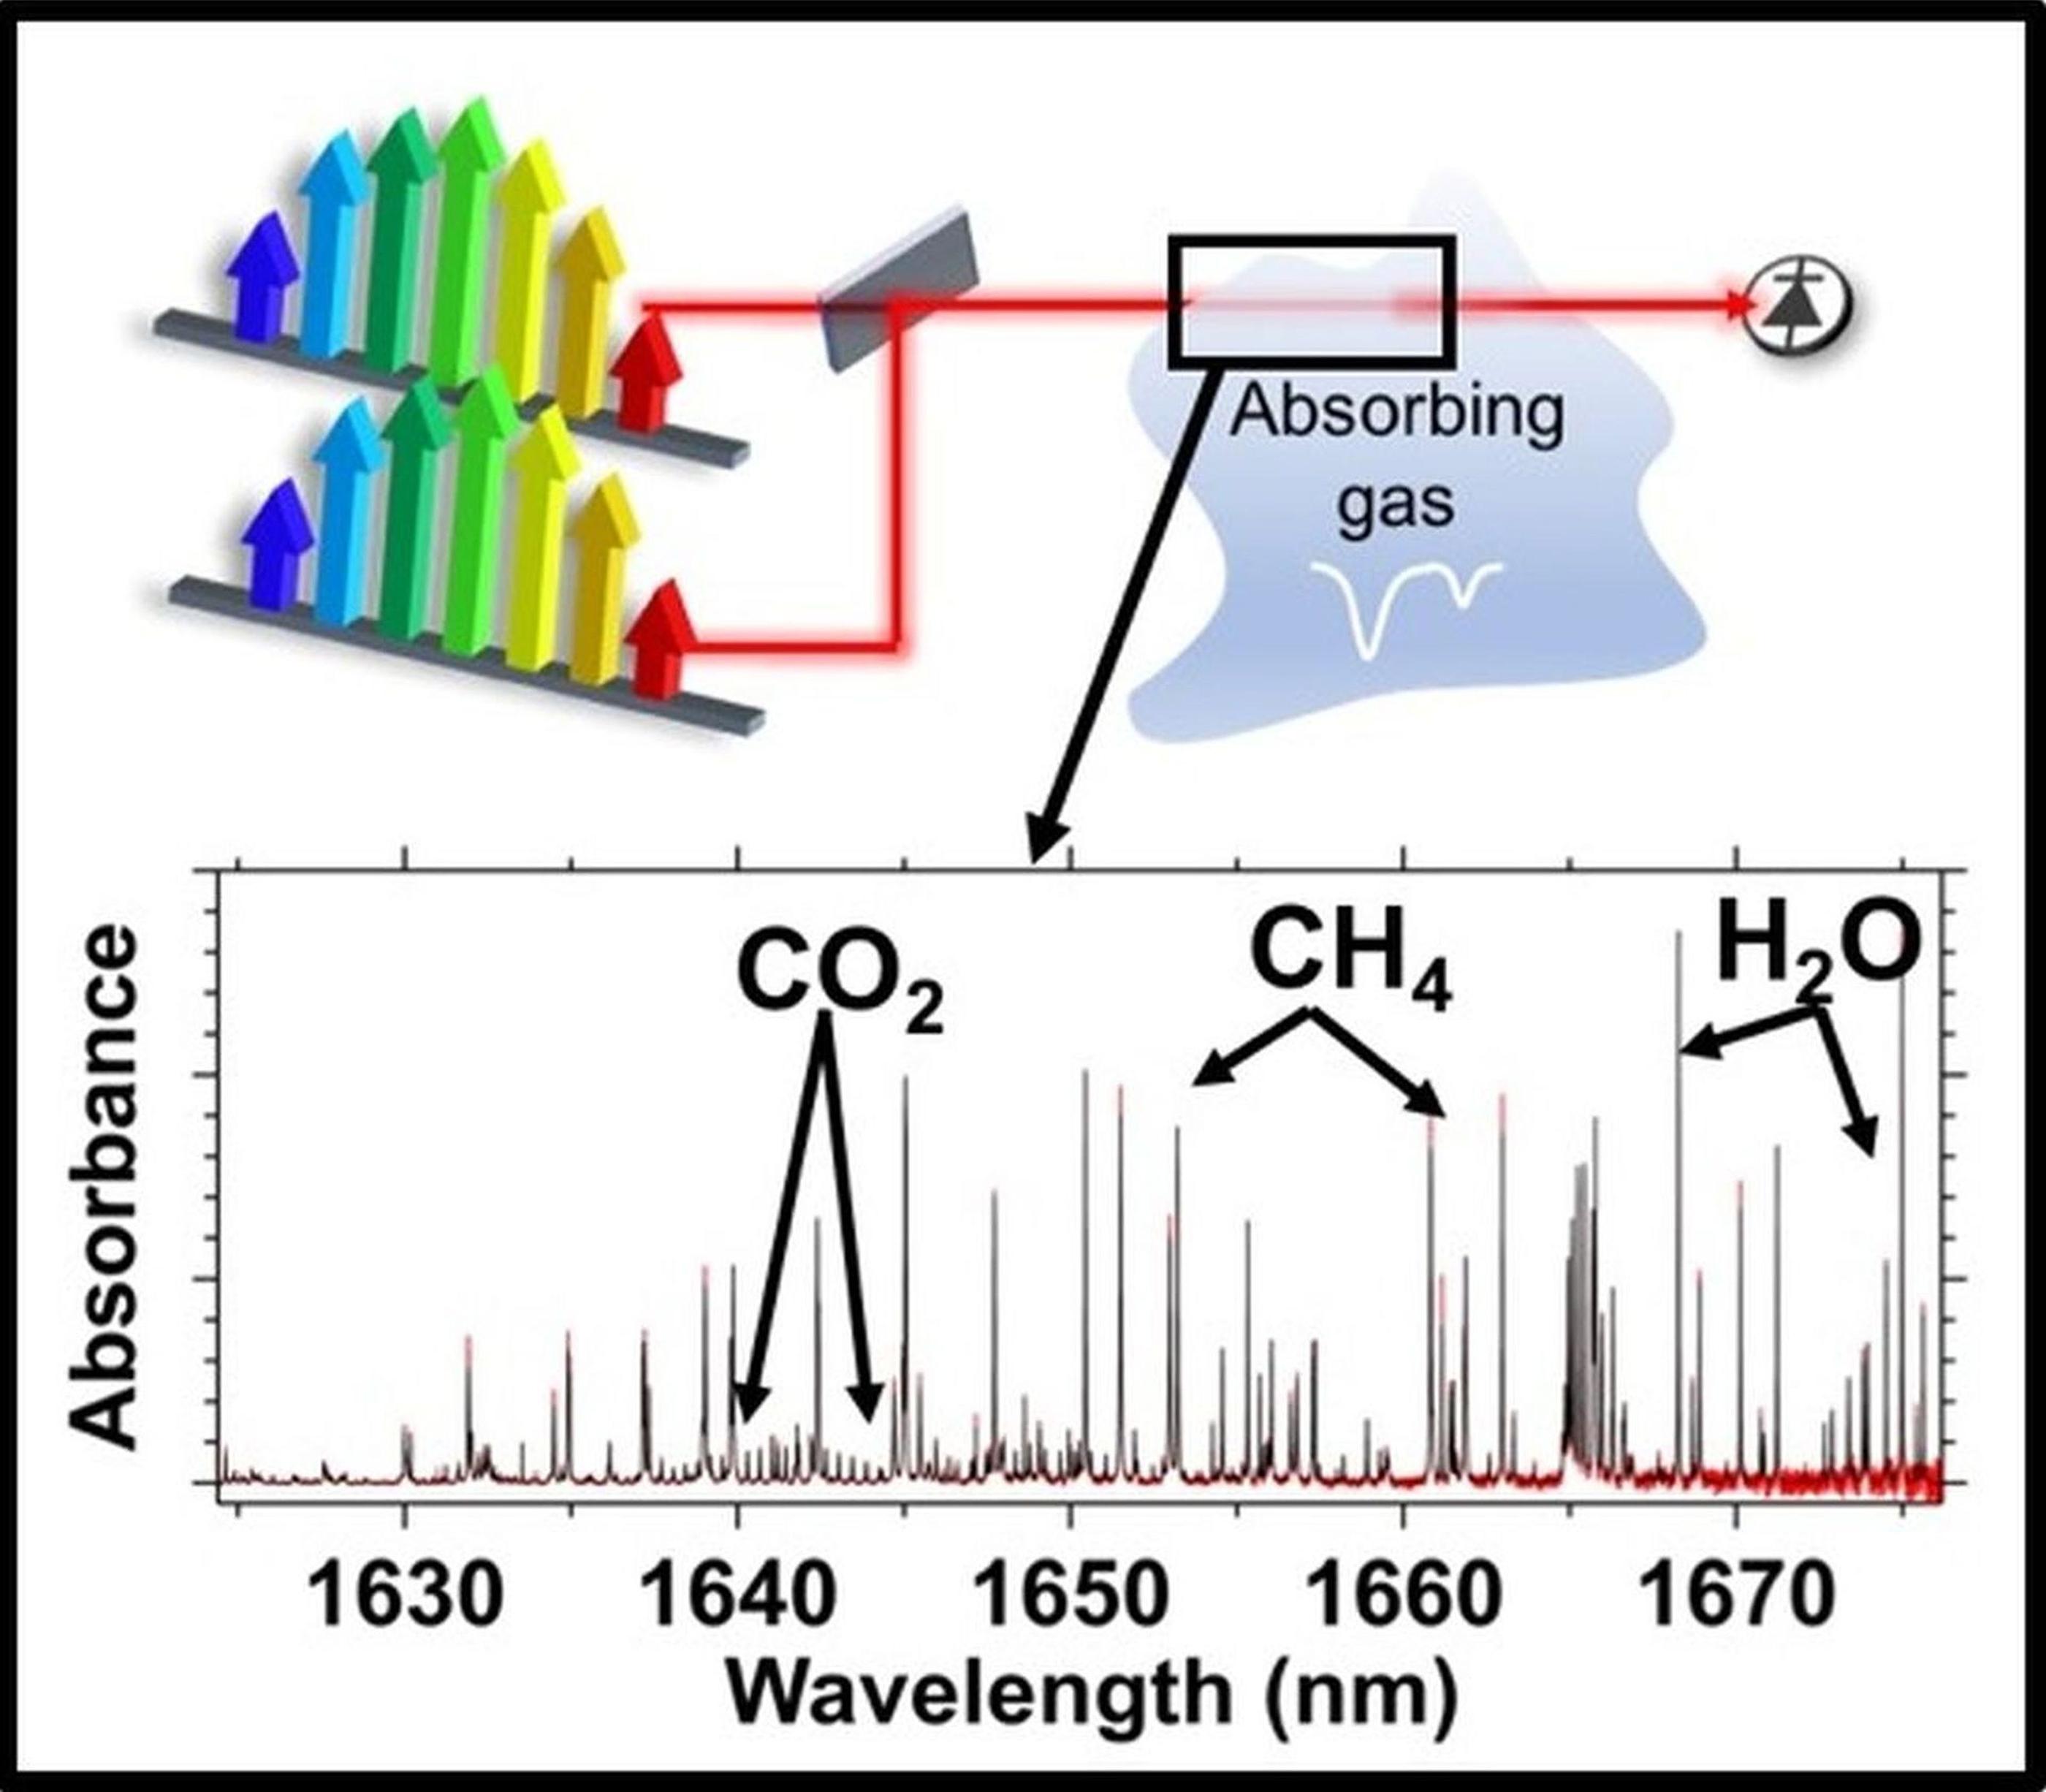 Detekce metanu metodou dual-comb spectroscopy. Kredit: Sean Coburn/University of Colorado Boulder.